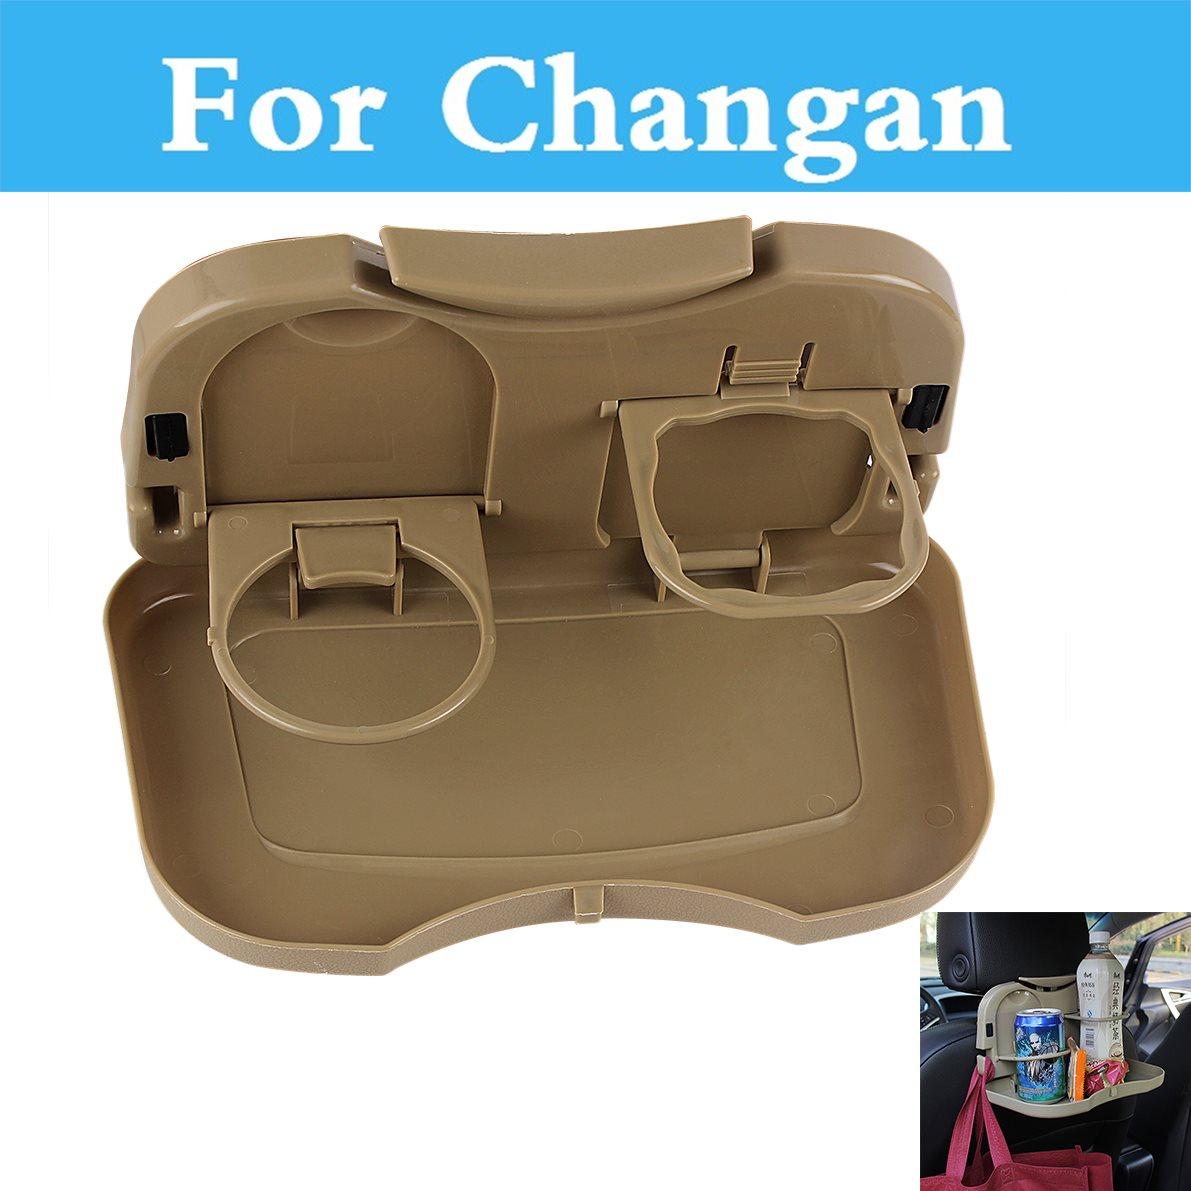 Авто пить подстаканник спинки сиденья вешалка бутылок Подставка сиденья клина чашки пить держатель для Changan Cs35 Cs75 Бенни eado raeton Z-блеск